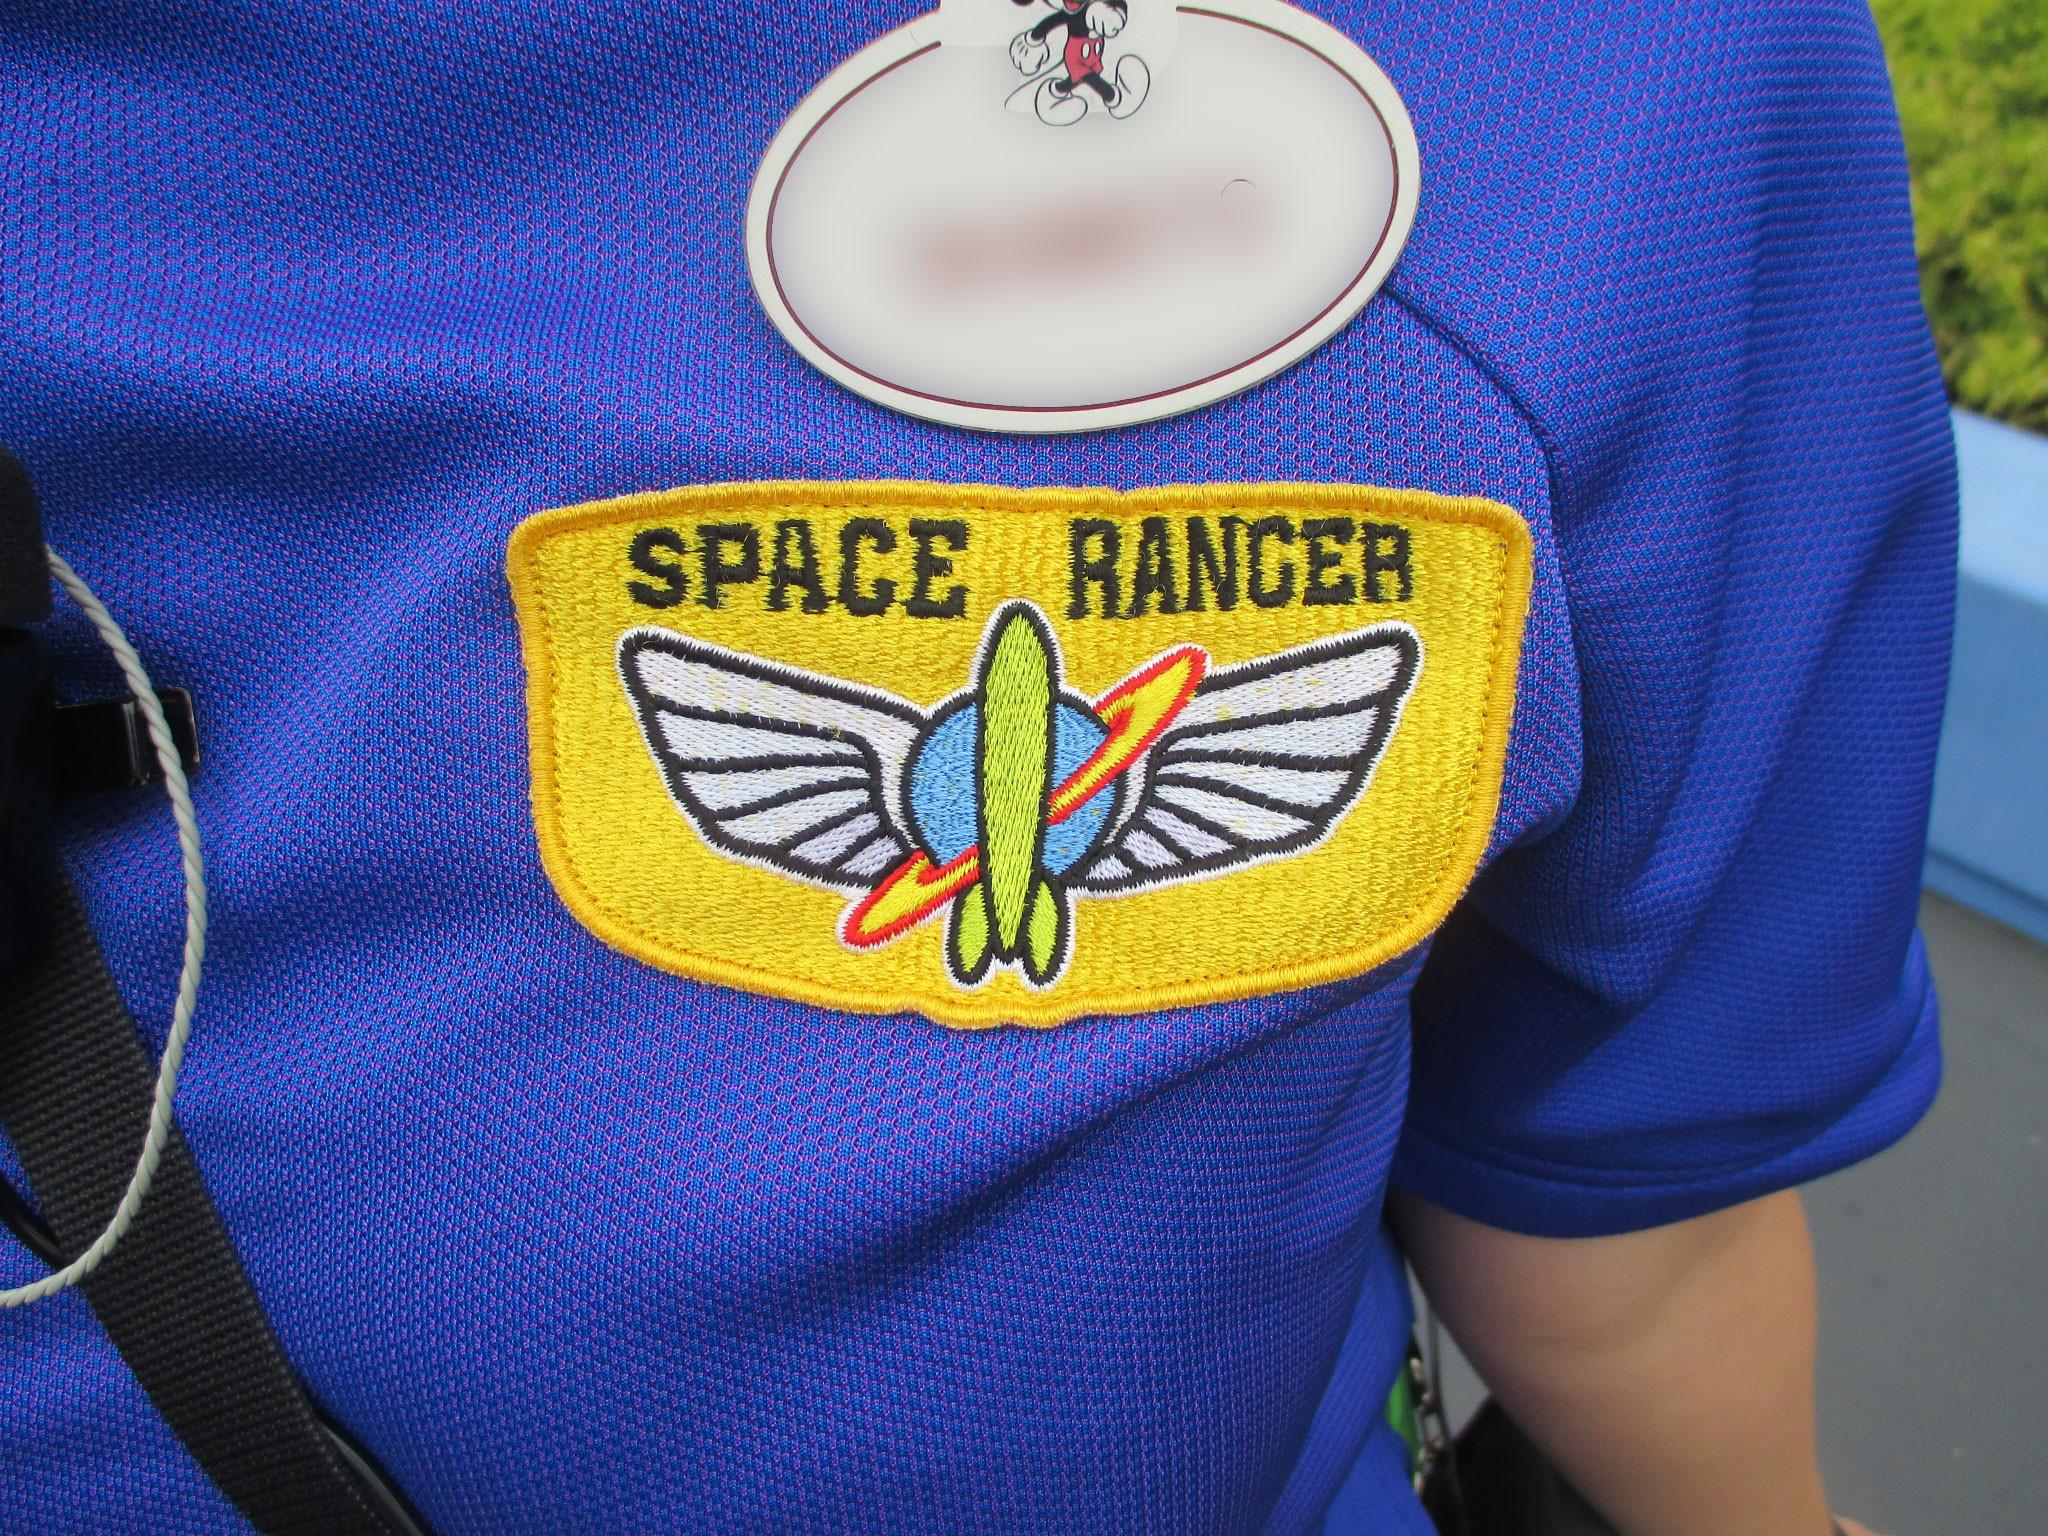 スペースレンジャーのロゴ